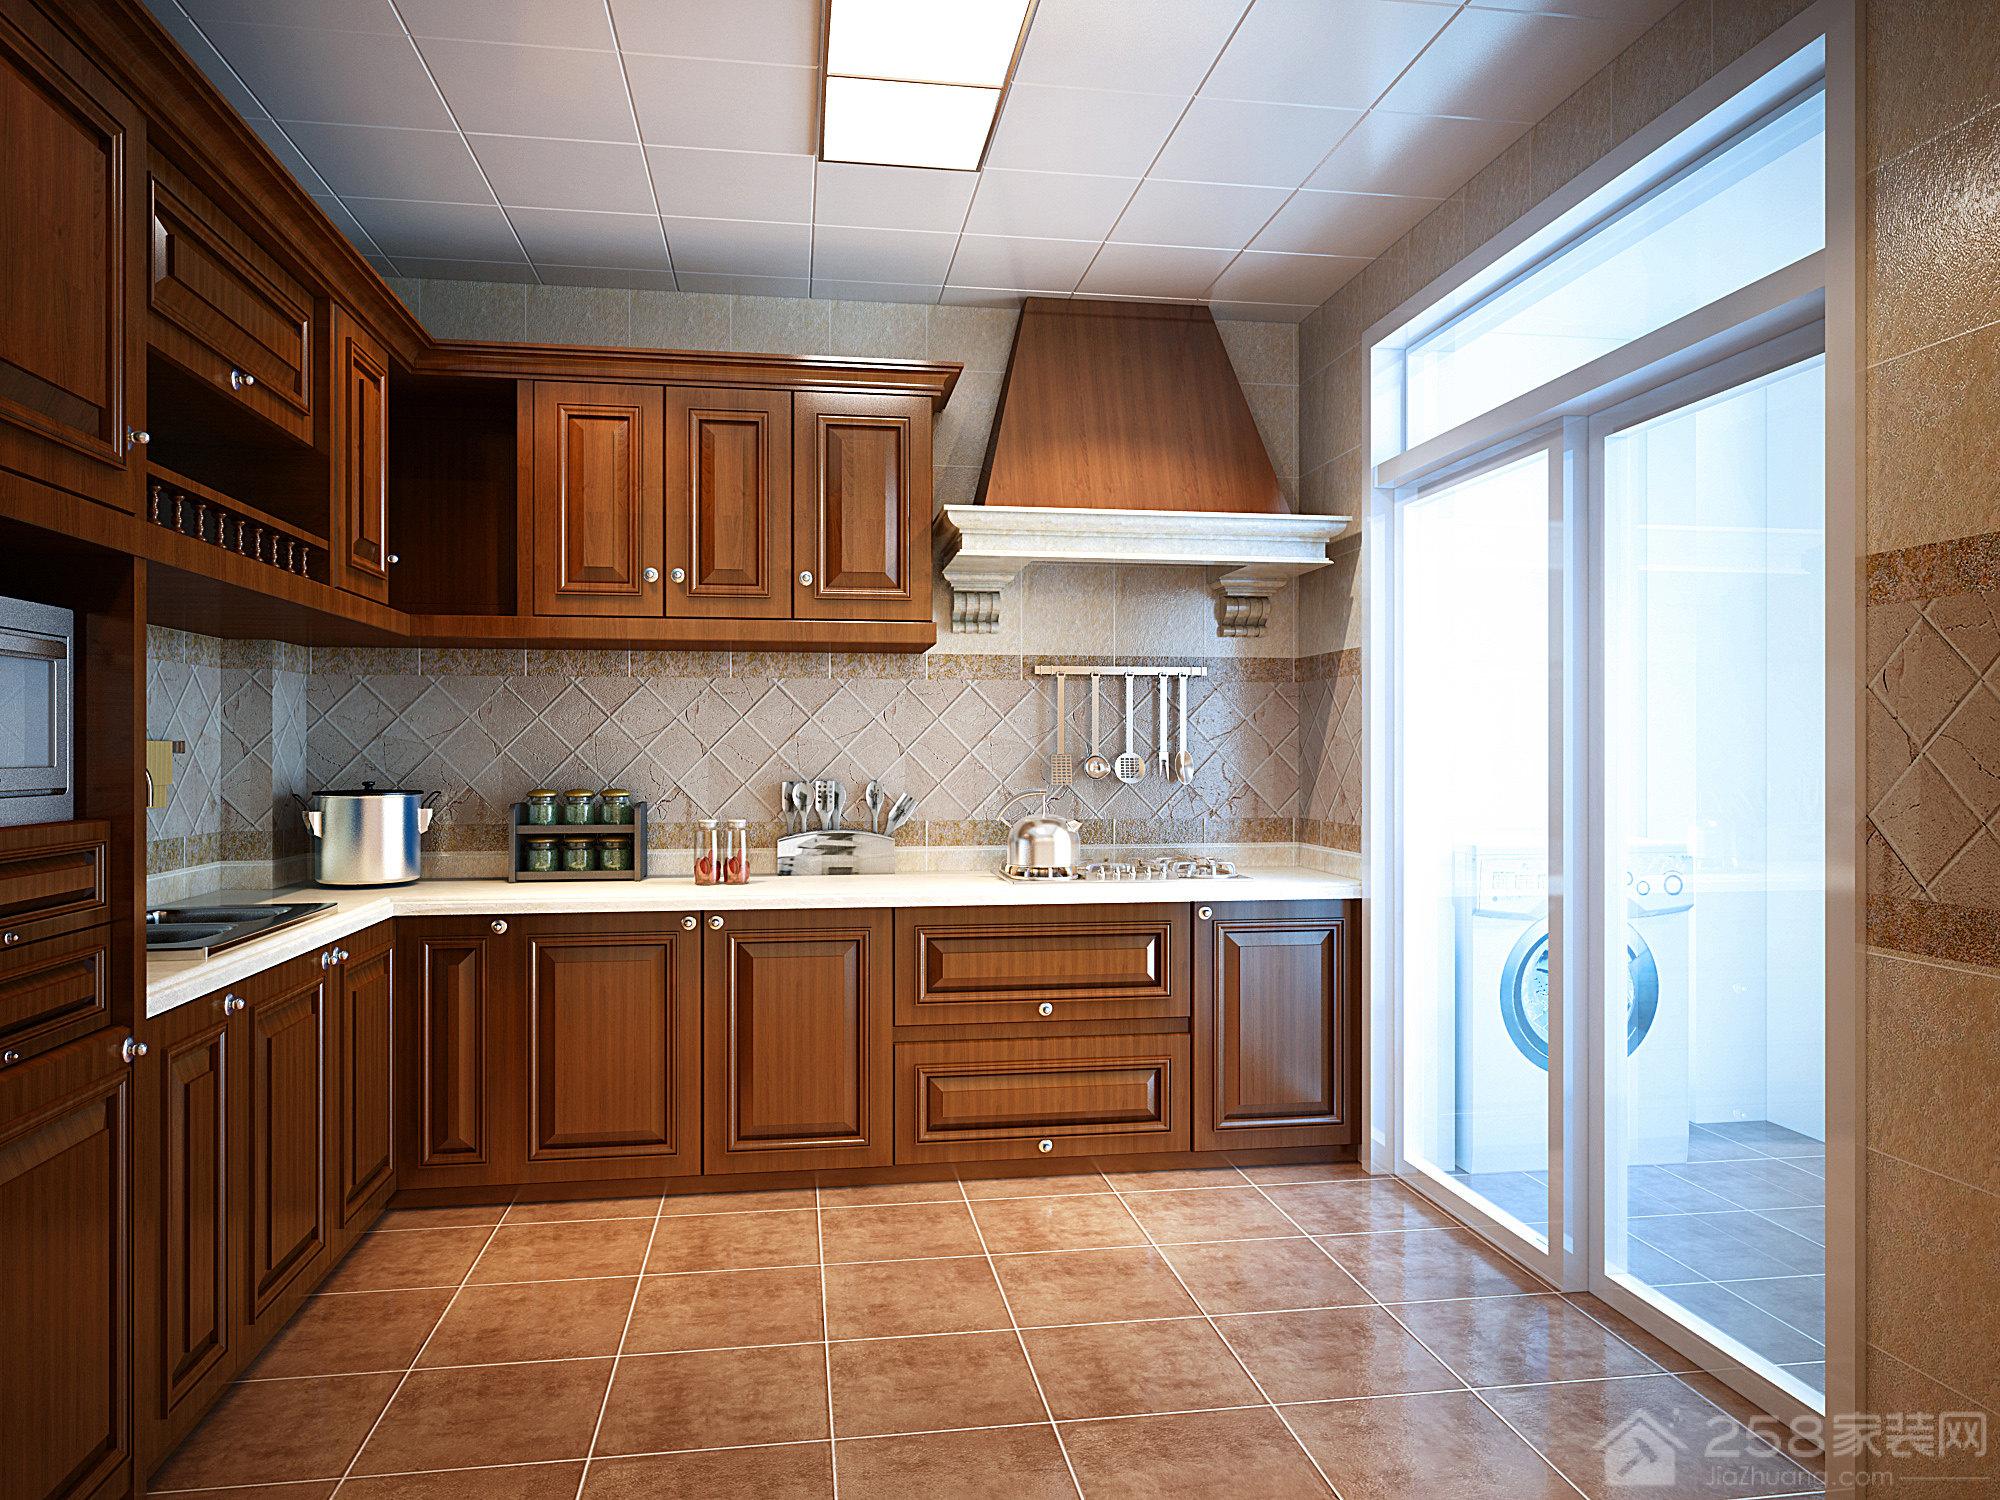 美式别墅厨房实木橱柜效果图展示